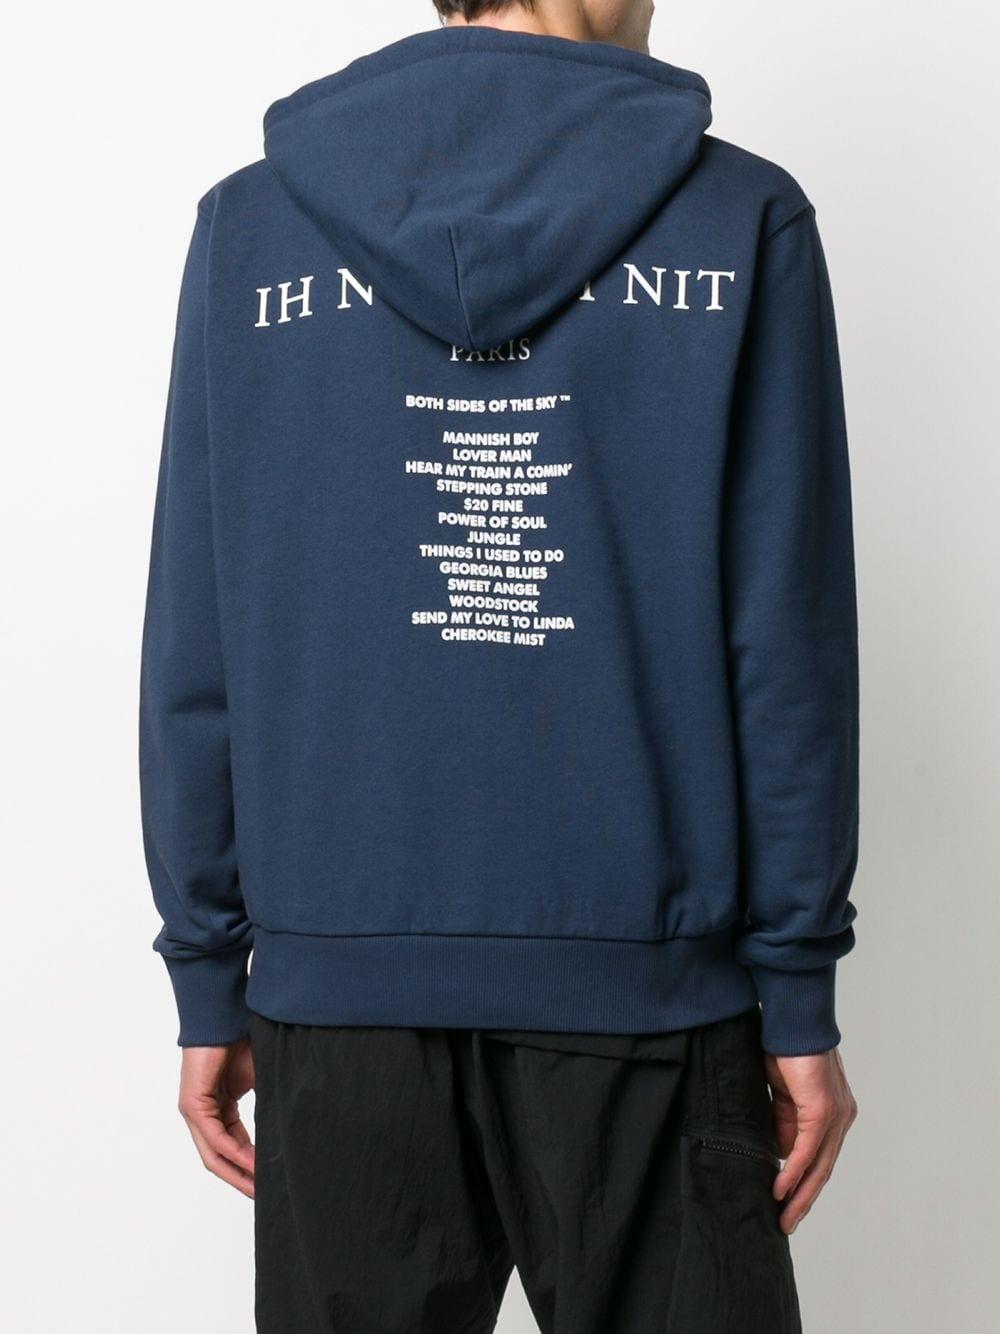 Picture of Ih Nom Uh Nit | Jimi Hendrix Print Hoodie